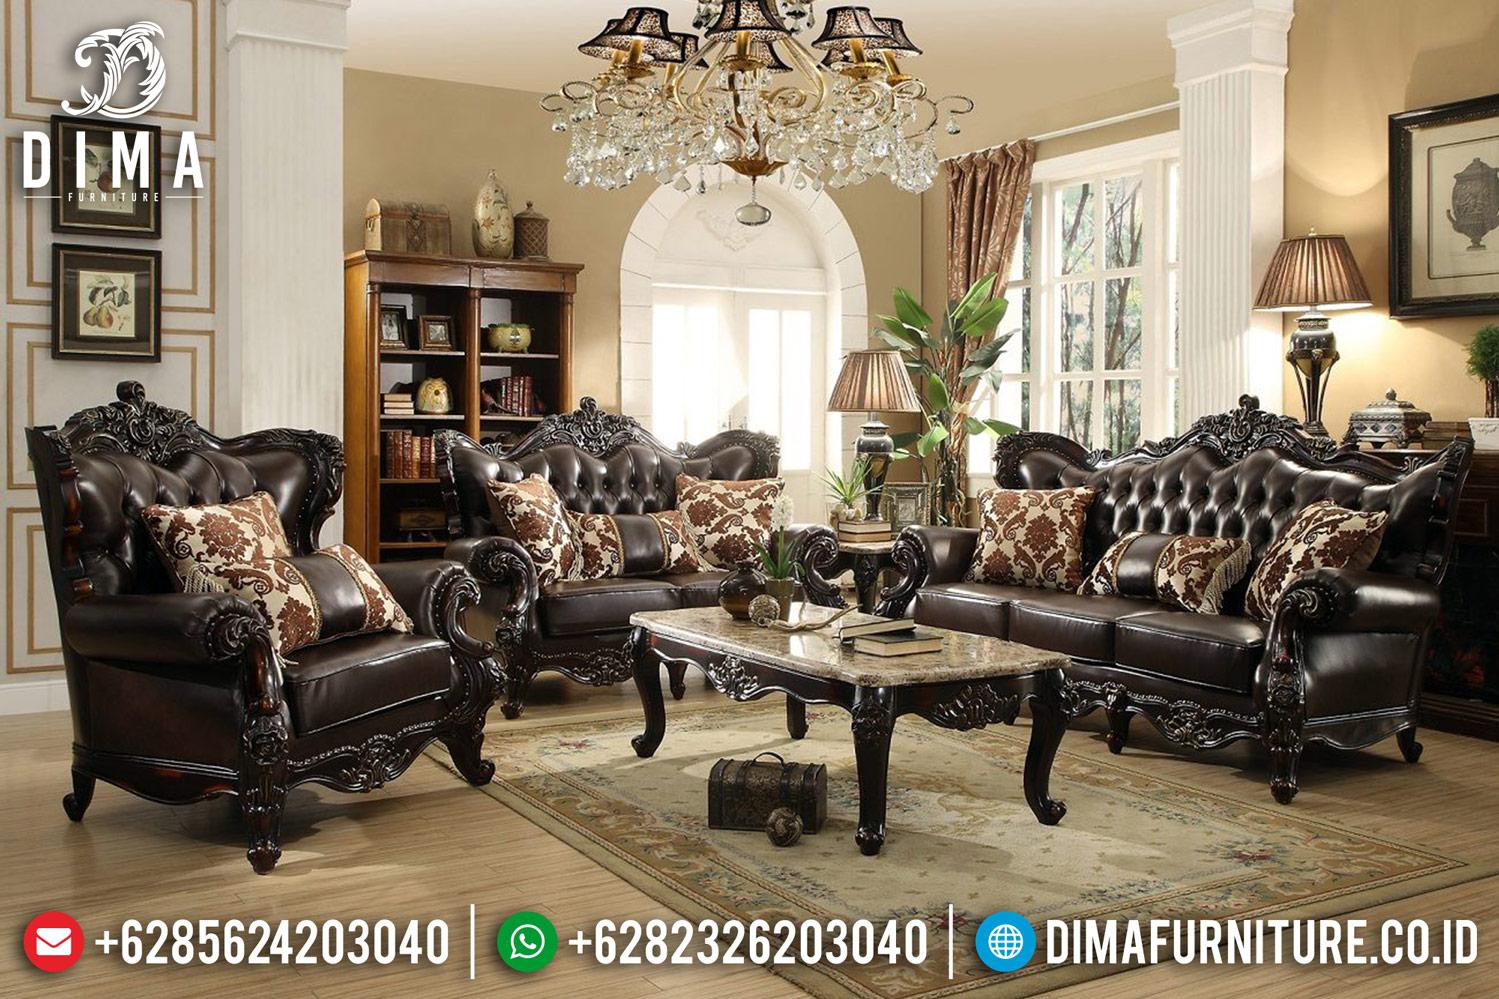 Sale New Produk Furniture Jepara Sofa Tamu Mewah Jati Natural DF-1193